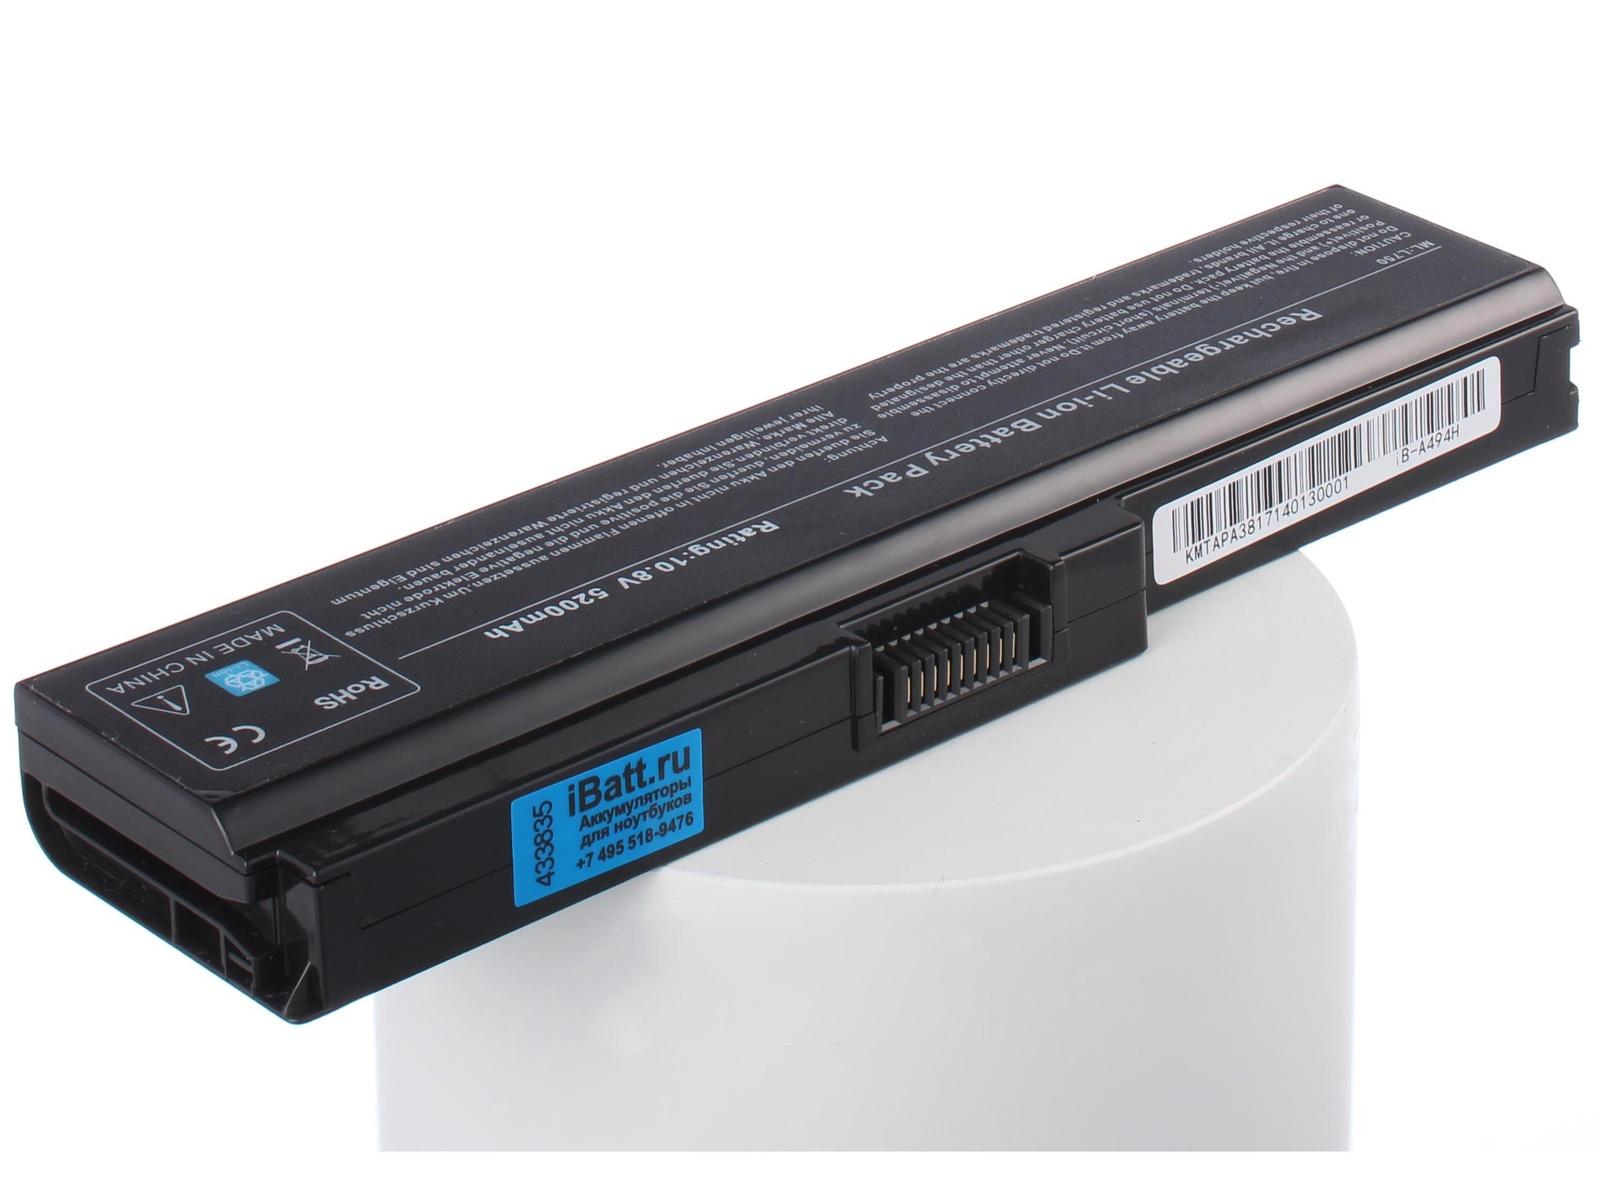 Аккумулятор для ноутбука iBatt для ToshiBa Satellite L655-19D, Satellite L675-110, Satellite L675D-113, Satellite L655-19H, Satellite L650D-157, Satellite L655-1CW, Satellite A660-1EN, Satellite L635-10L, Satellite A660-156